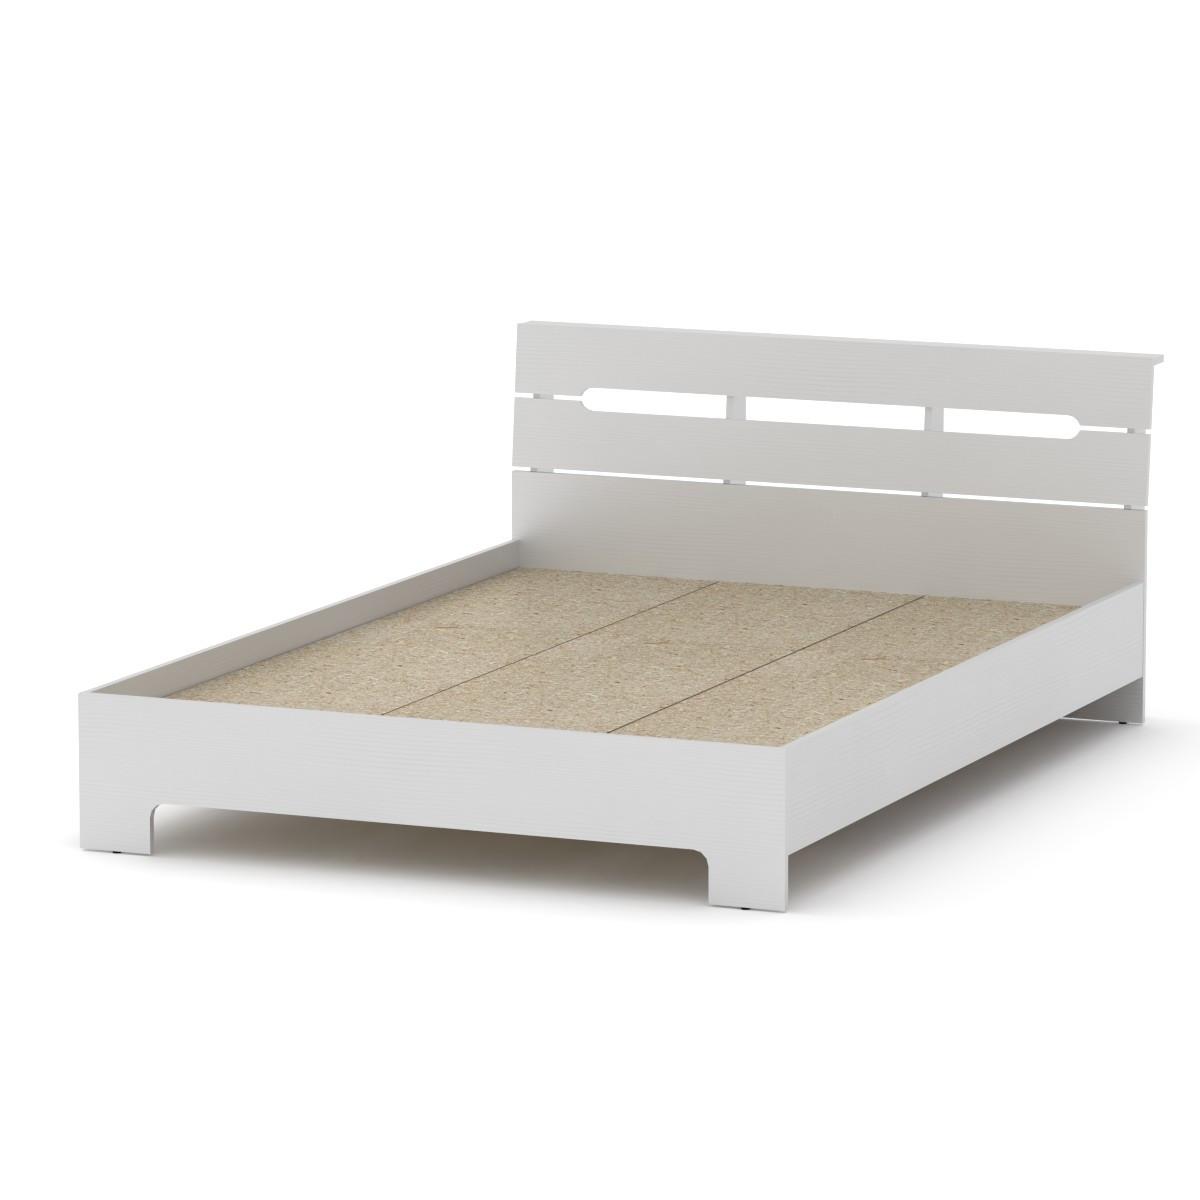 Кровать 140 Стиль нимфея альба (белый) Компанит (144х213х77 см)